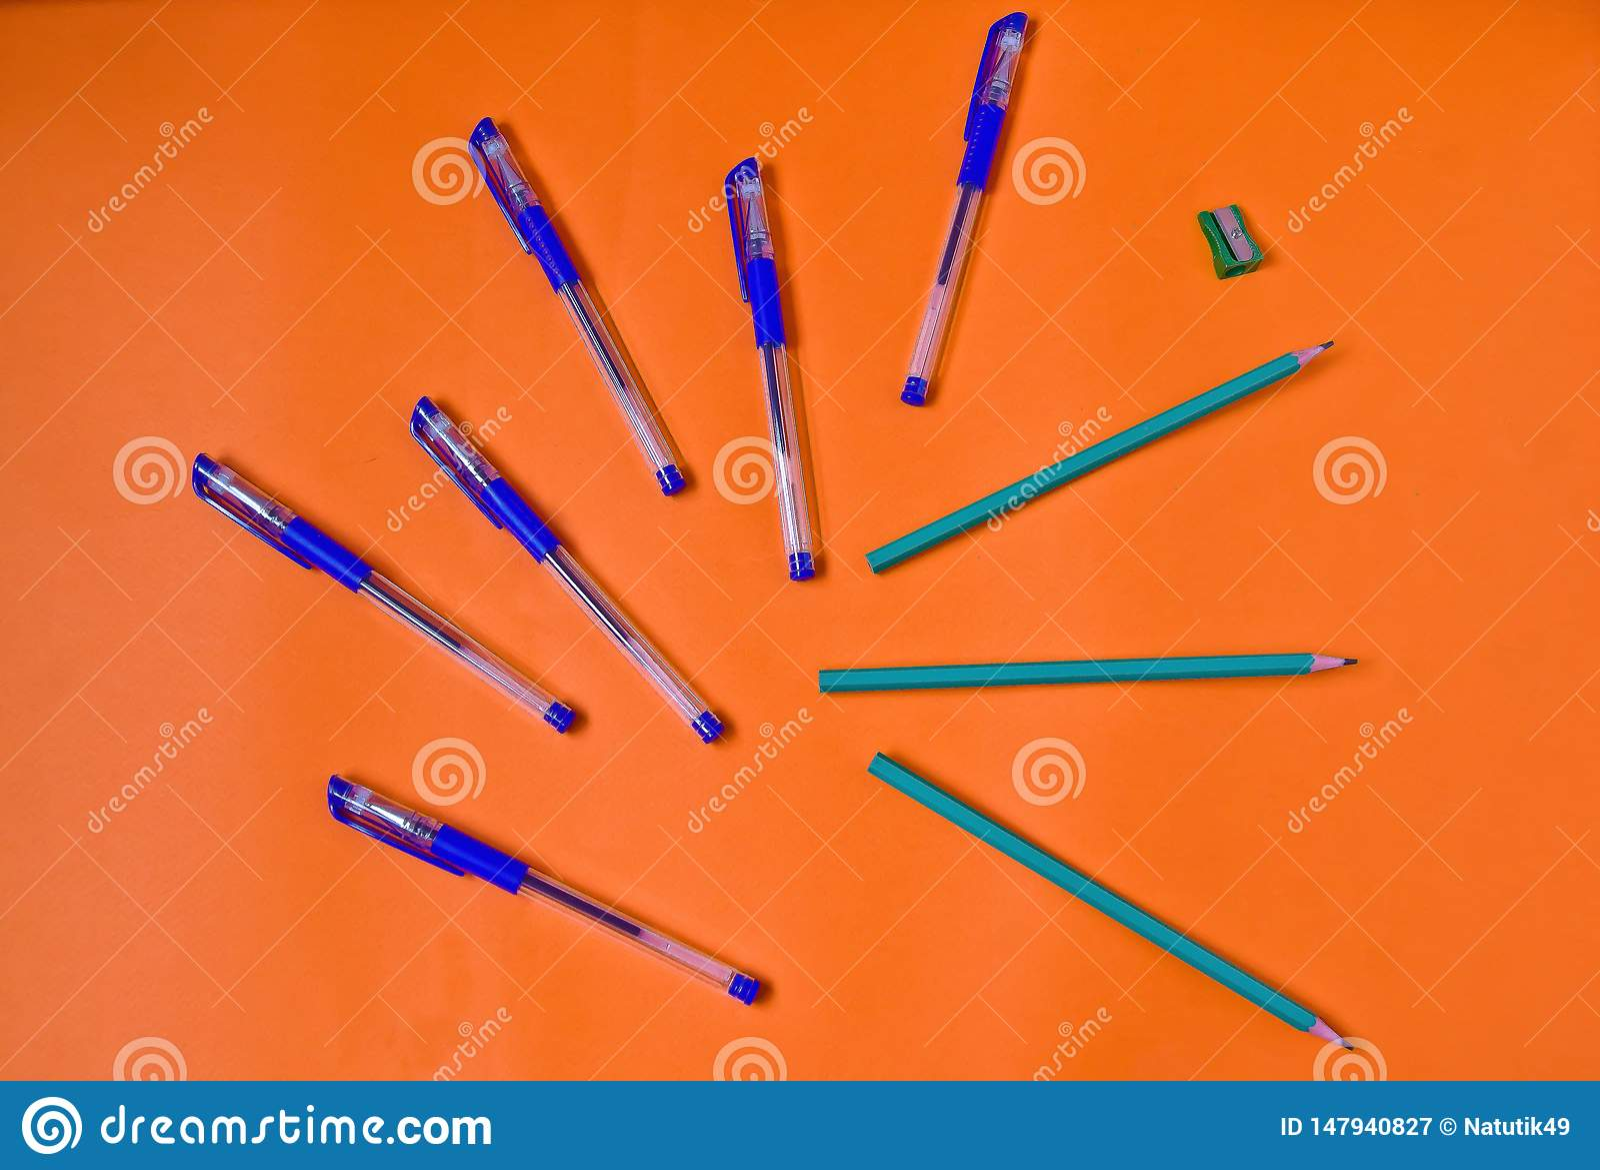 Penas e lápis brilhantes no fundo alaranjado